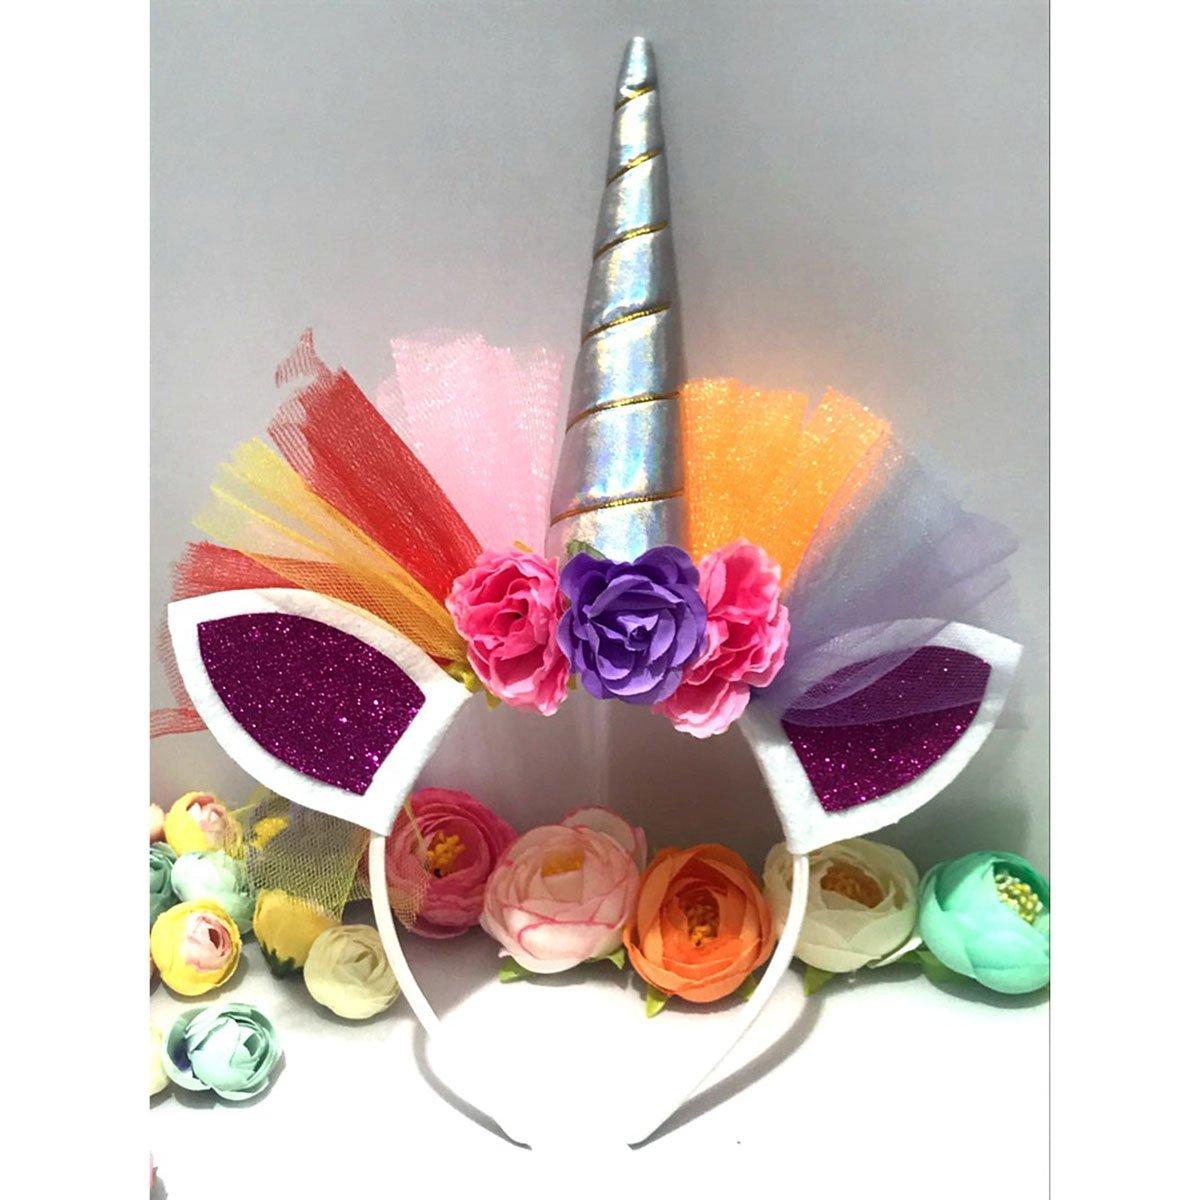 32b8696781c3 Frcolor Serre-tête Licorne Floral Bandeau Corne aux Oreilles Accessoire de  Anniversaire Fête Déguisement pour